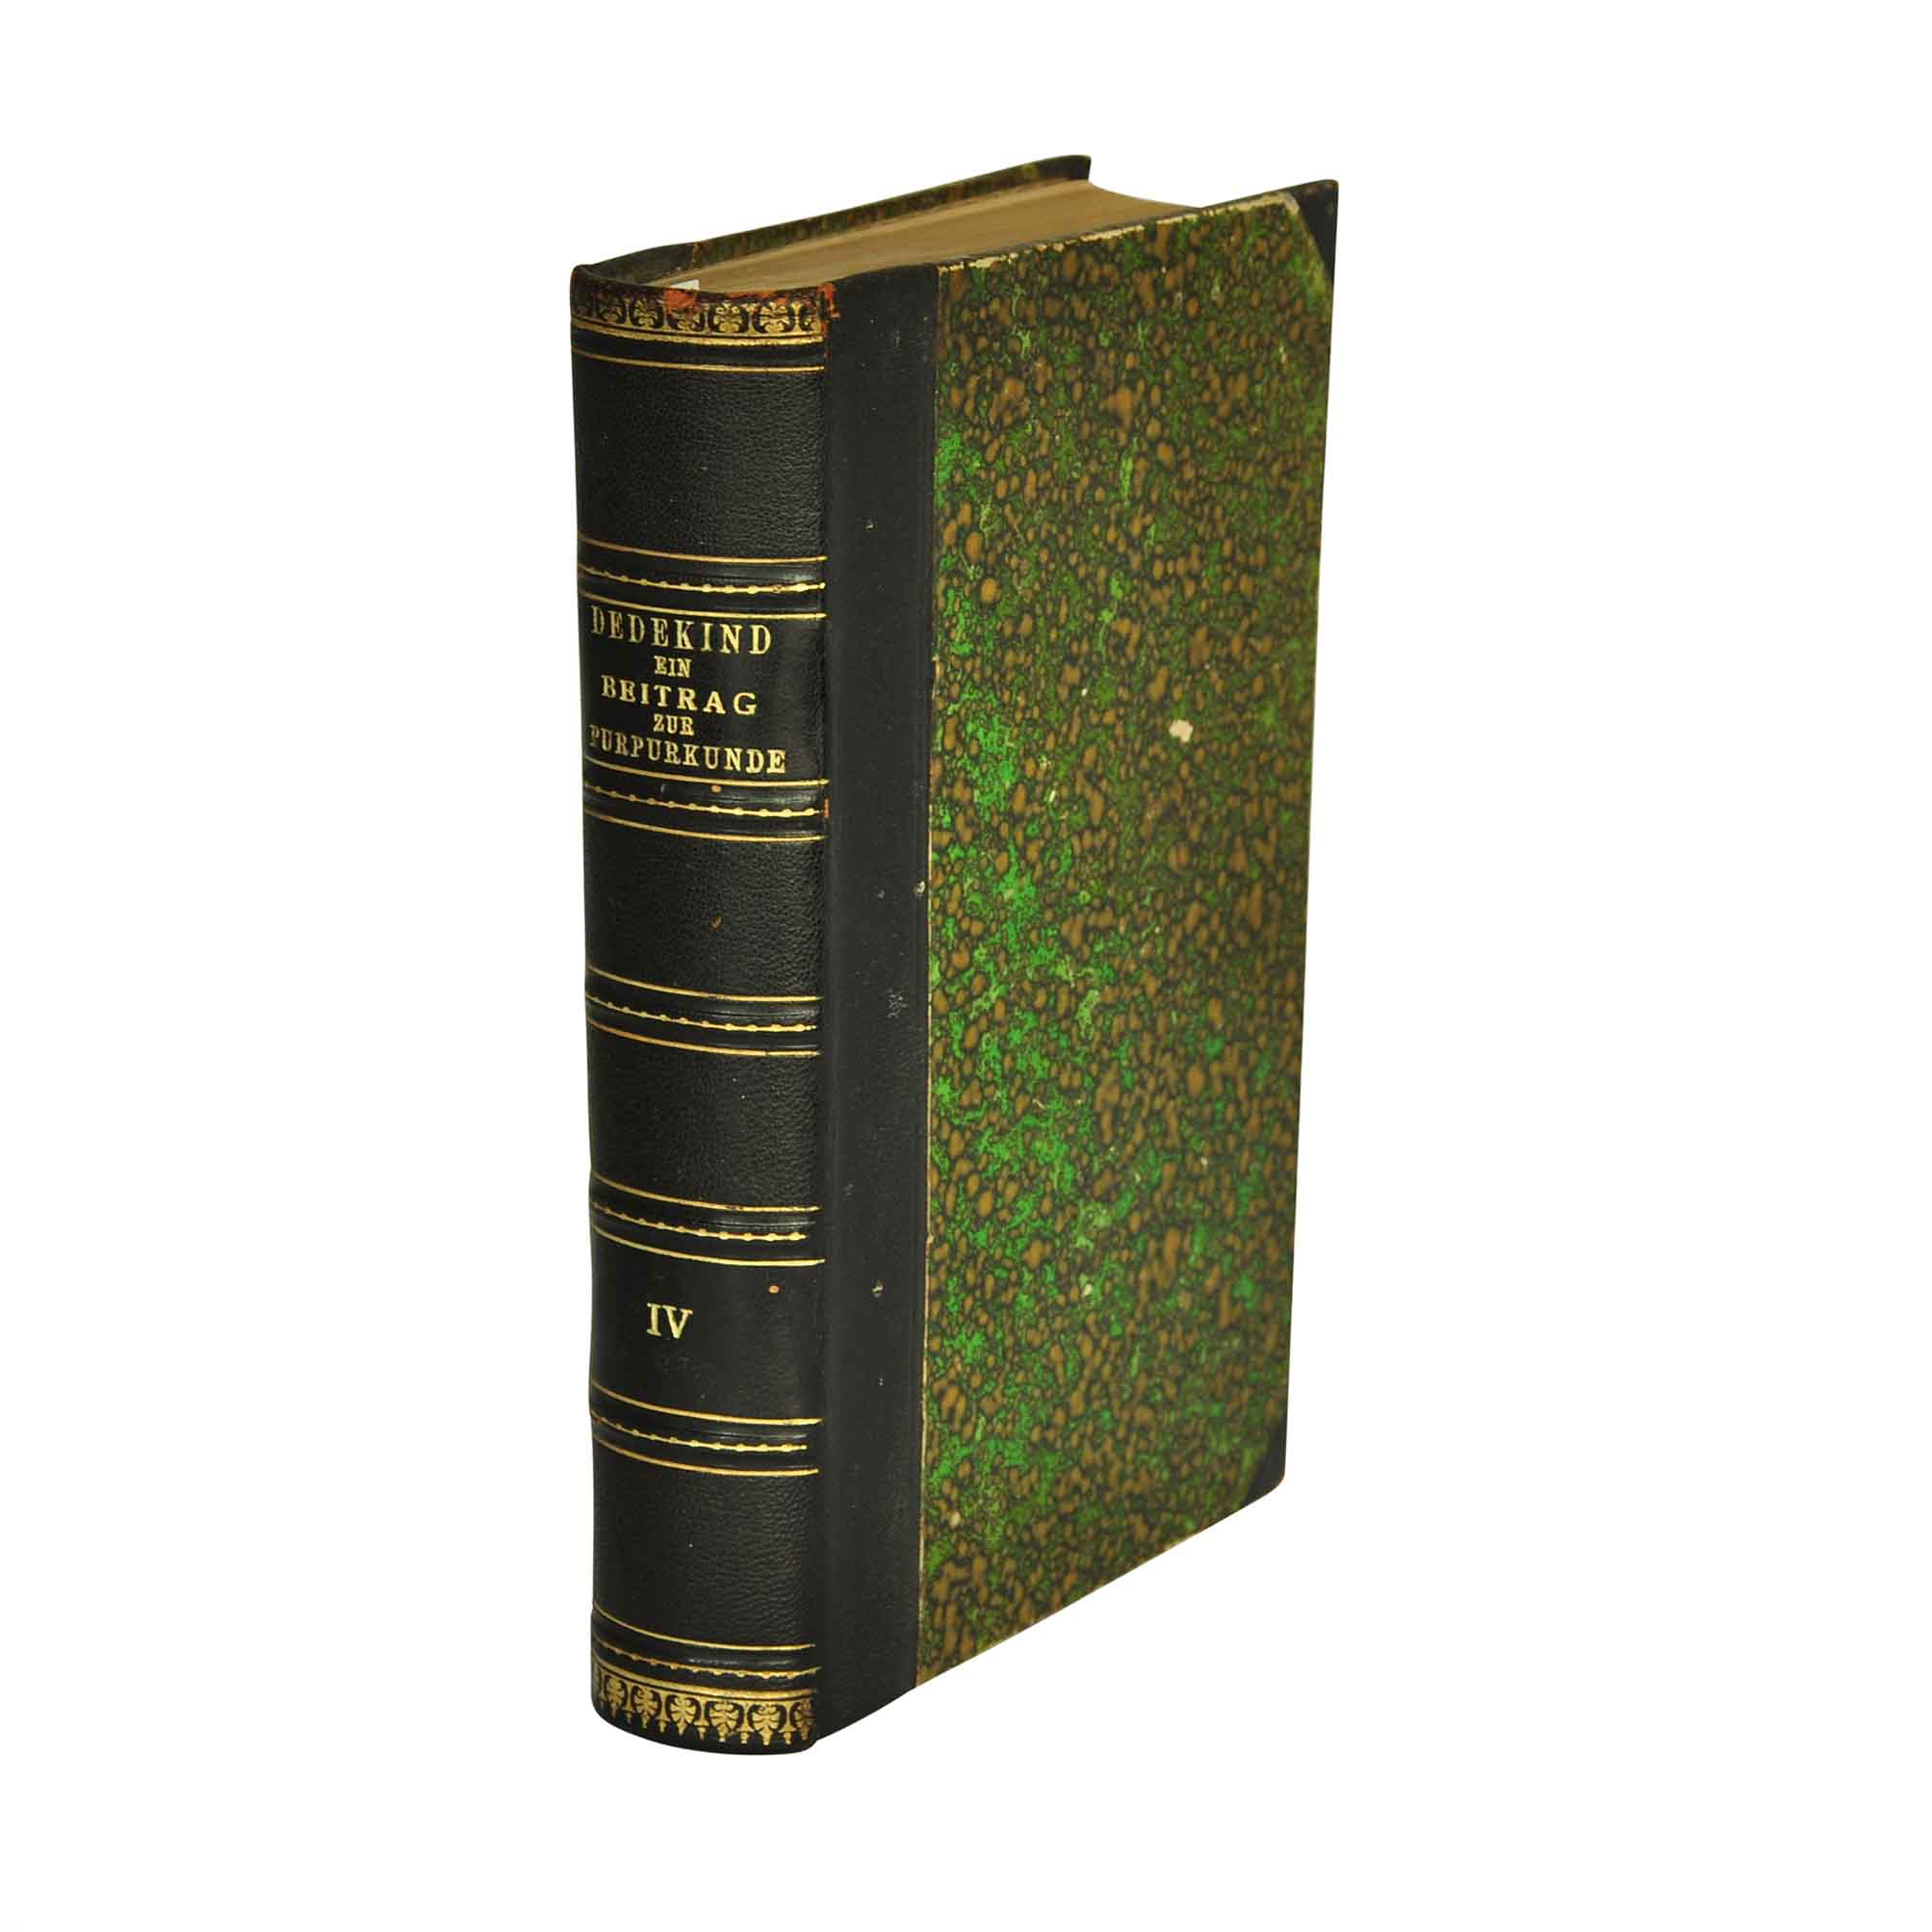 5596-Dedekind-Bibliographie-Purpur-1911-Einband-frei-2-N.jpg